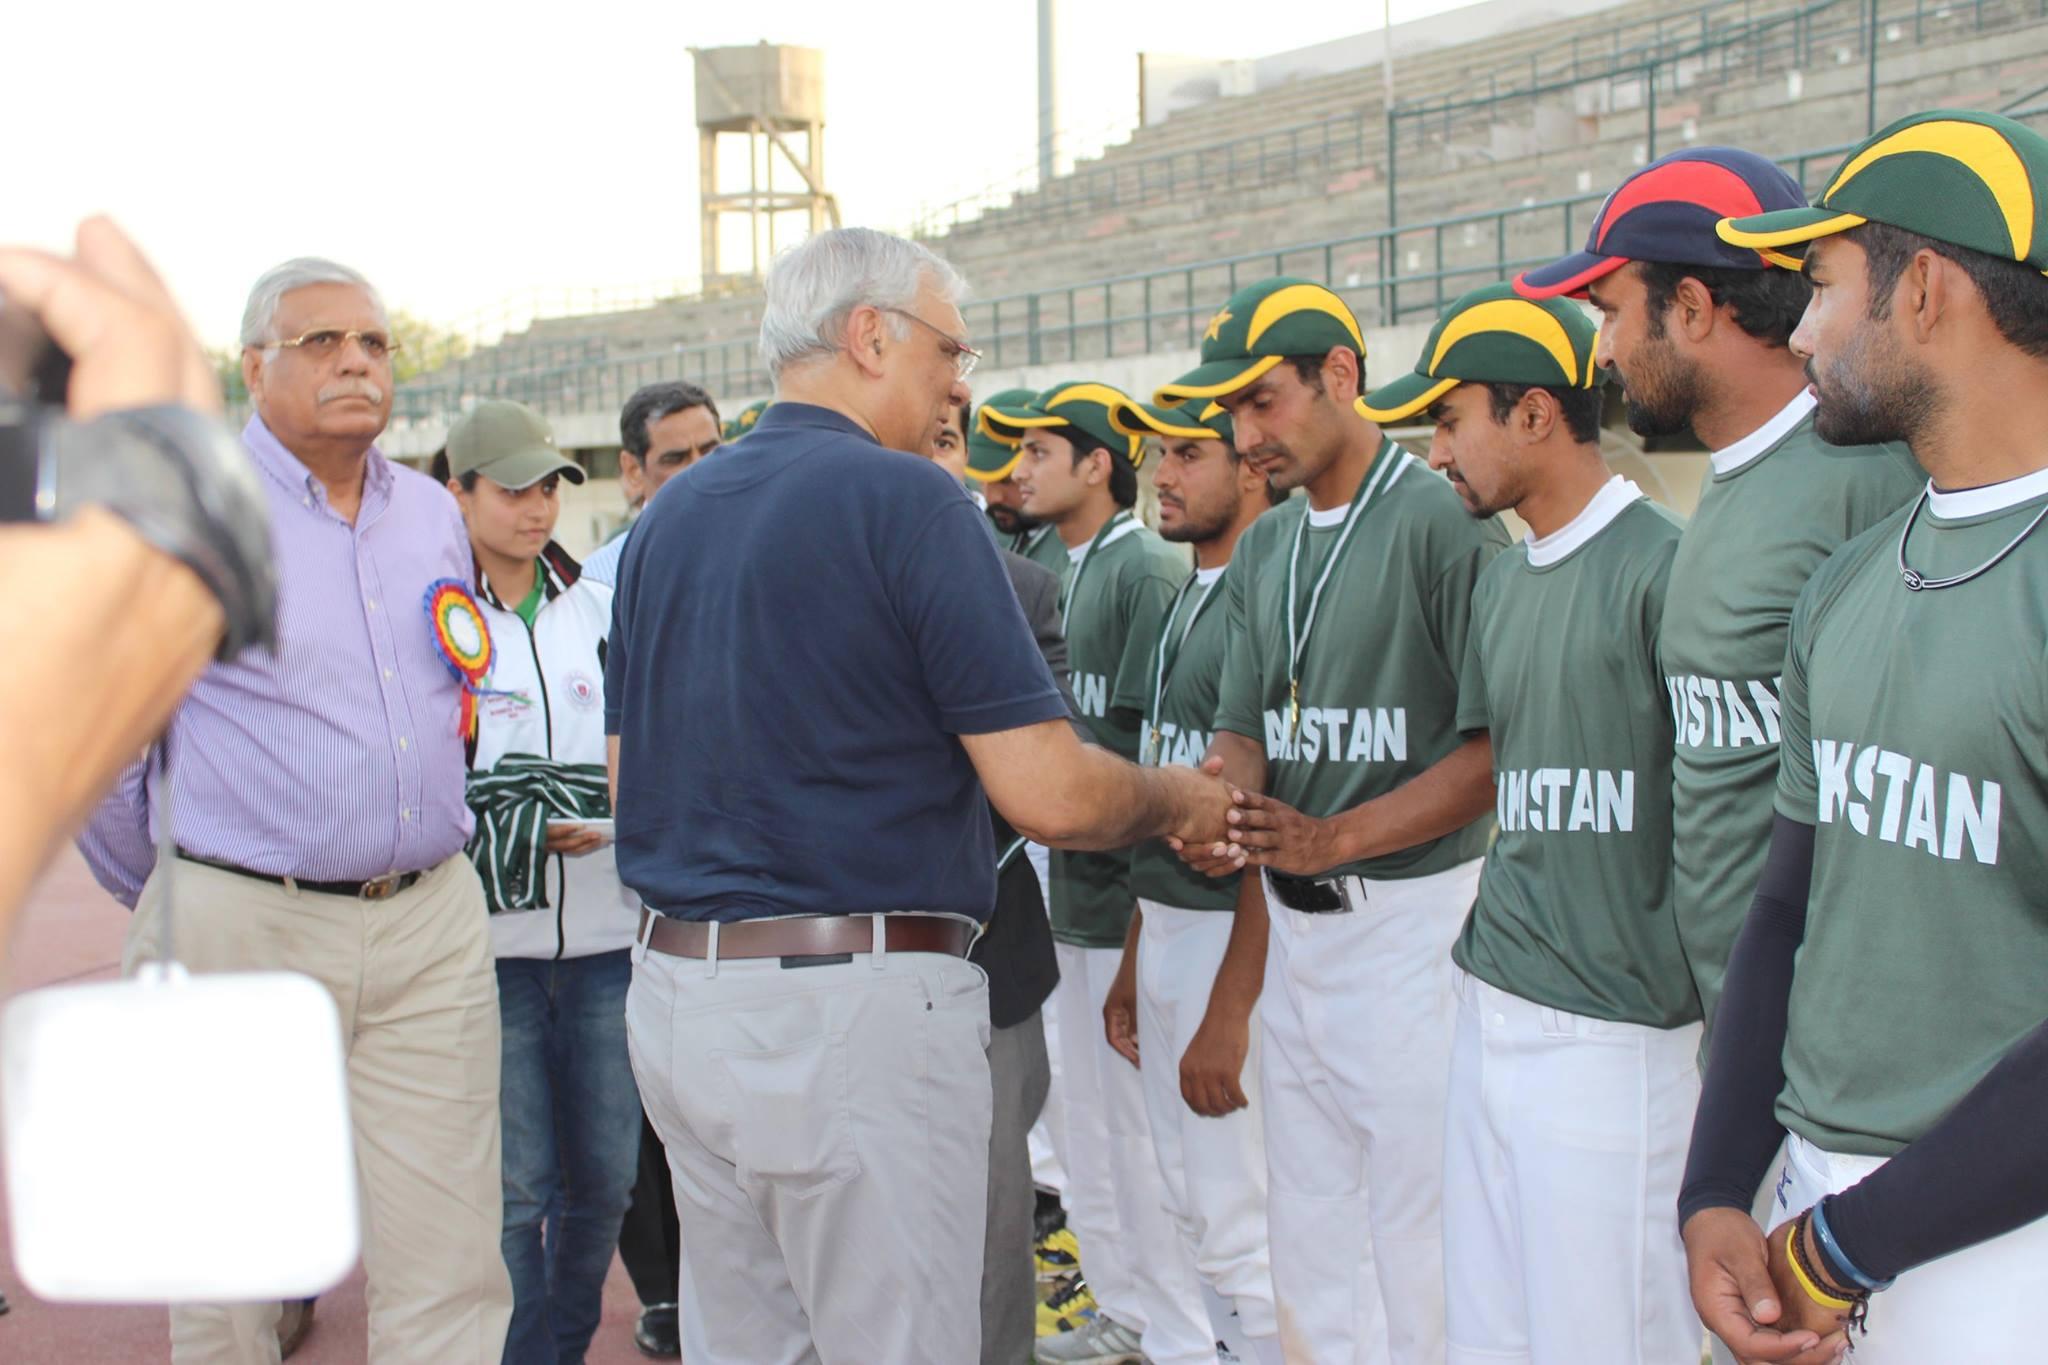 Gobierno de Pakistán impulsará el béisbol a nivel nacional, internacionalmente a medida que aumenta la popularidad